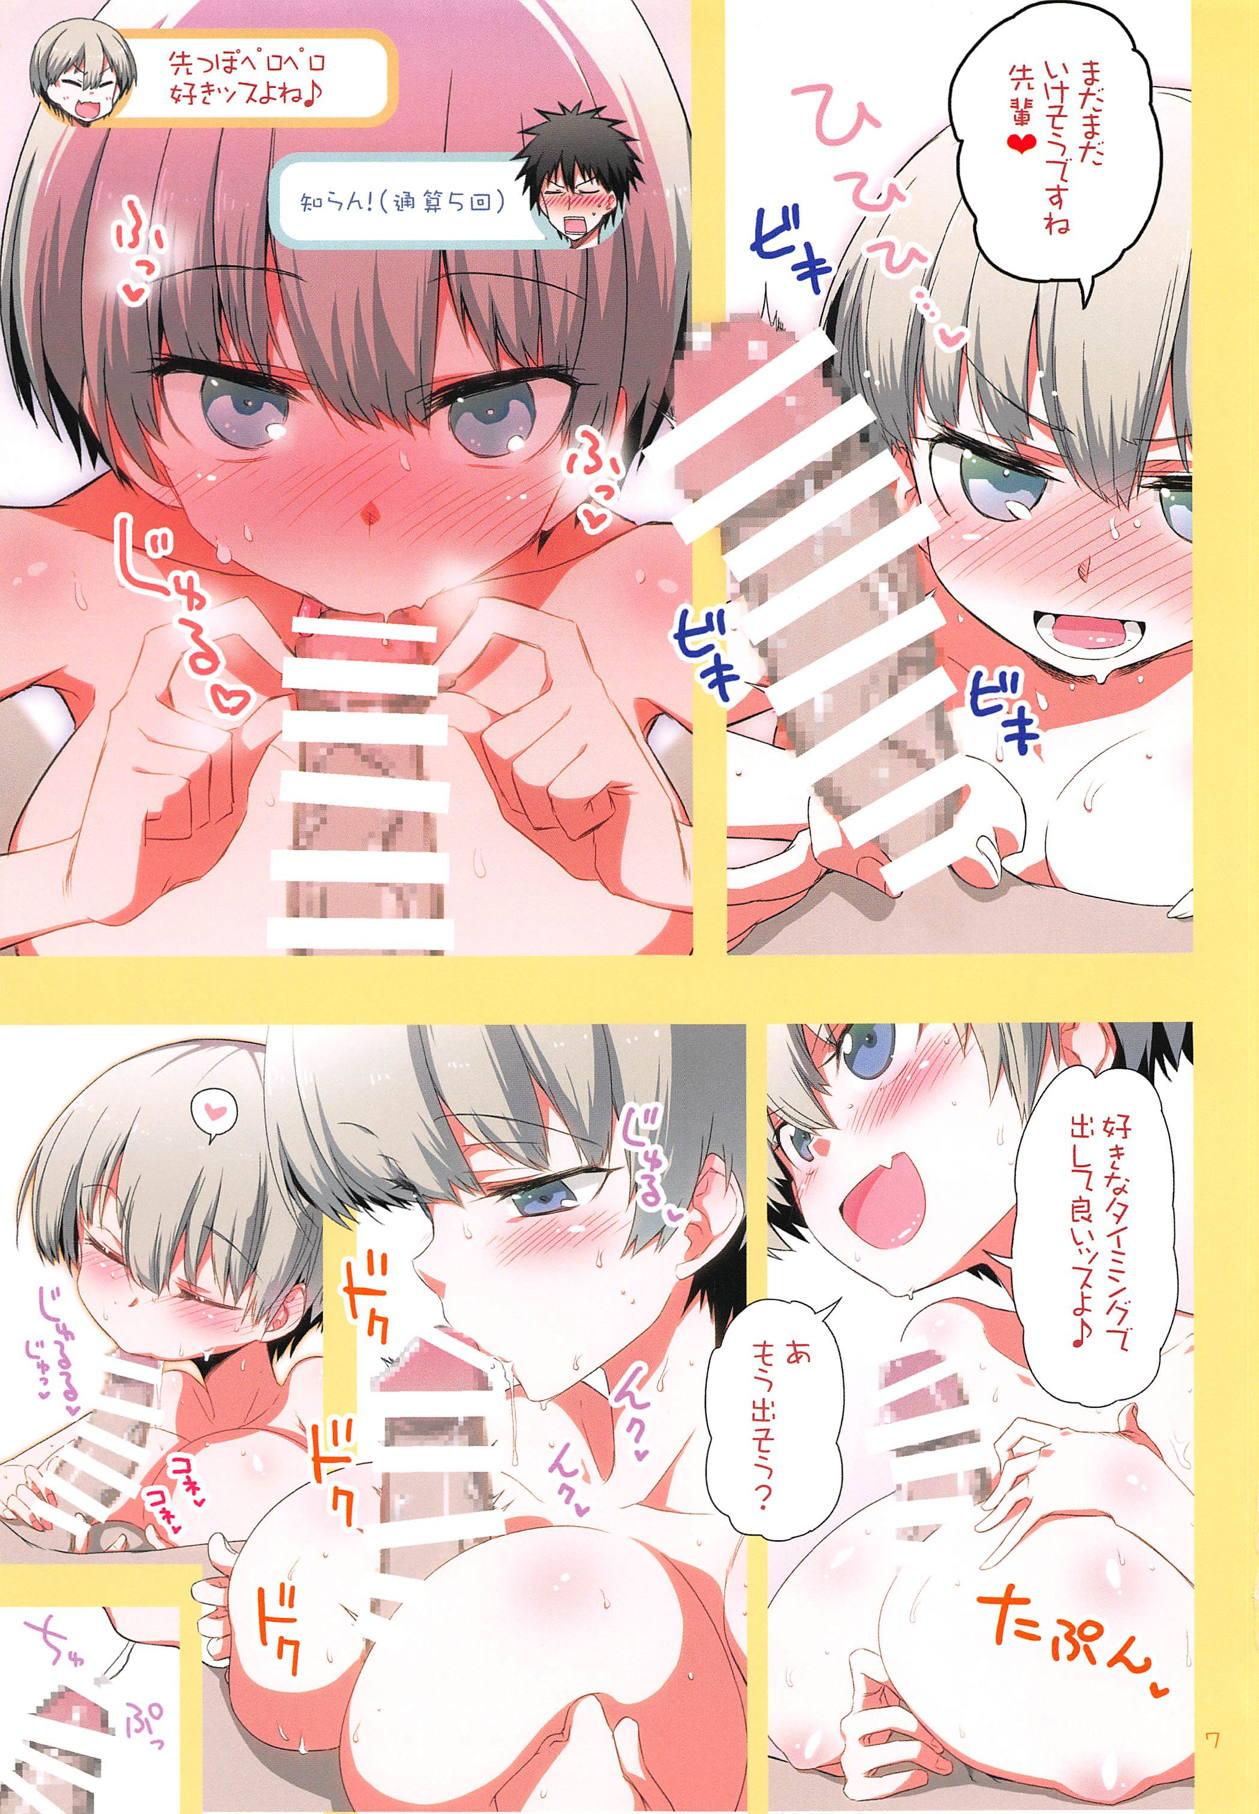 宇崎ちゃんは遊びたいウザ可愛い宇崎ちゃんとイチャラブ